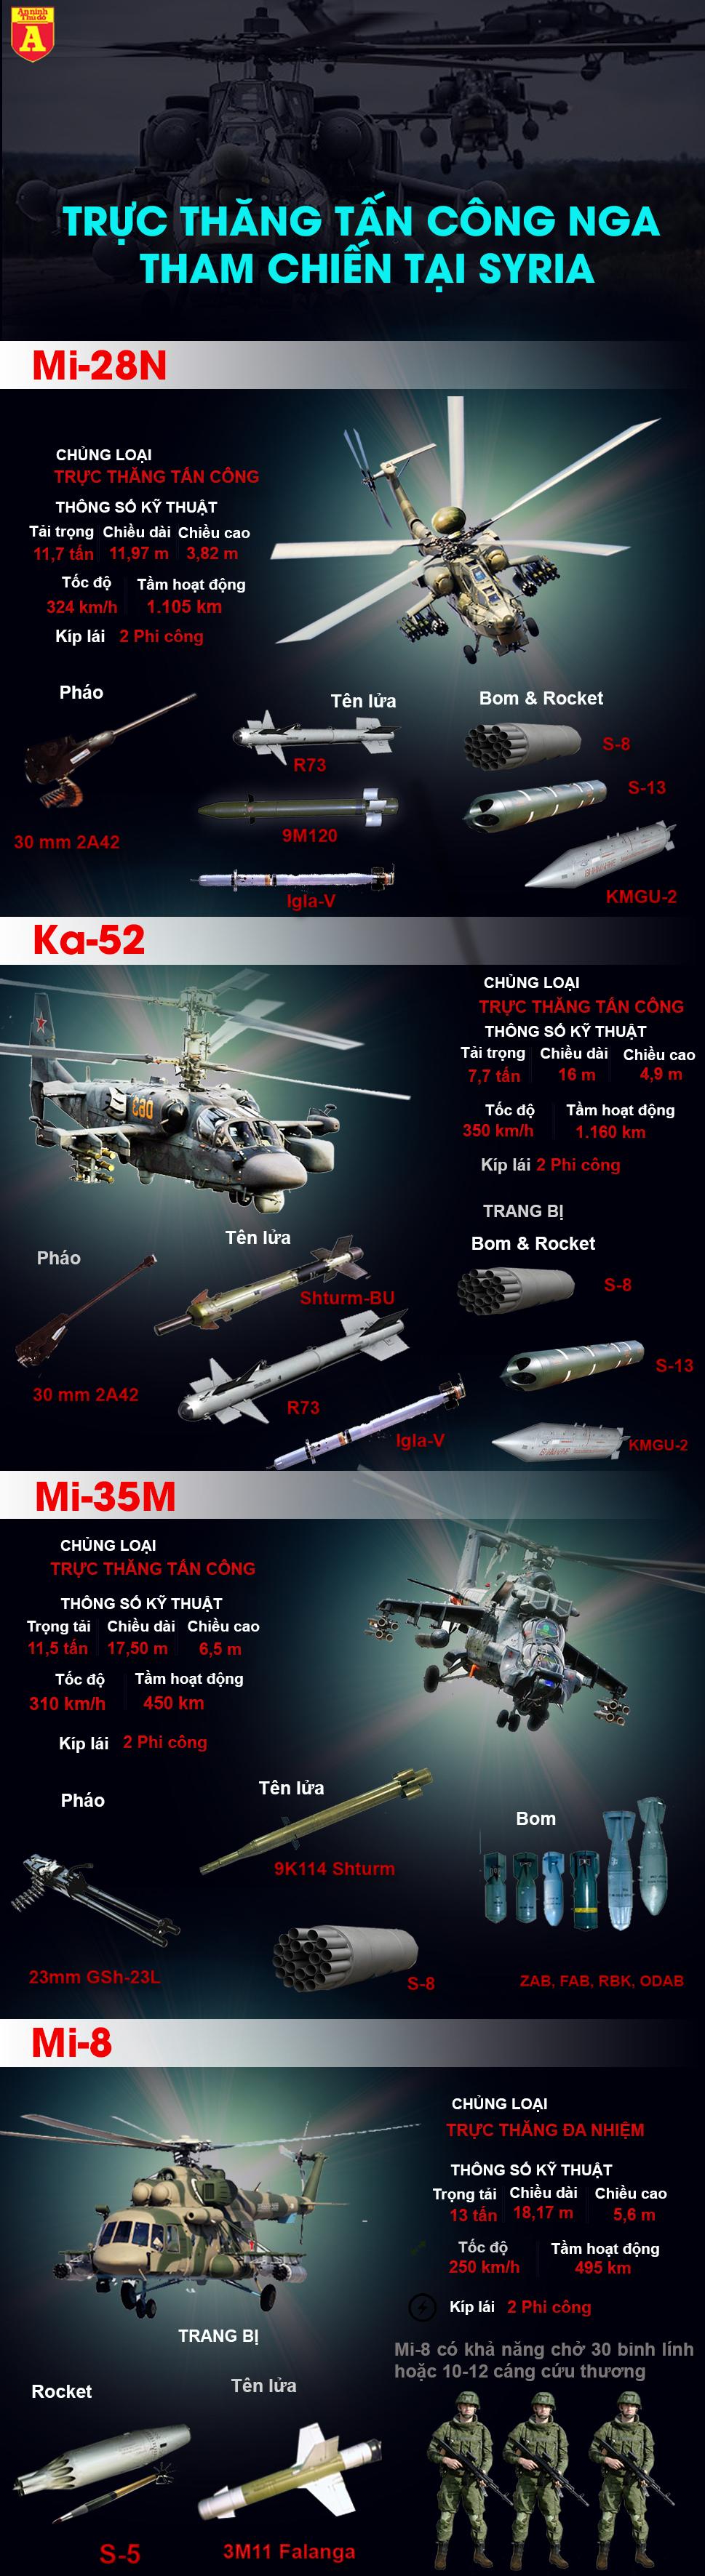 Nga, khủng bố, IS, trực thăng tấn công